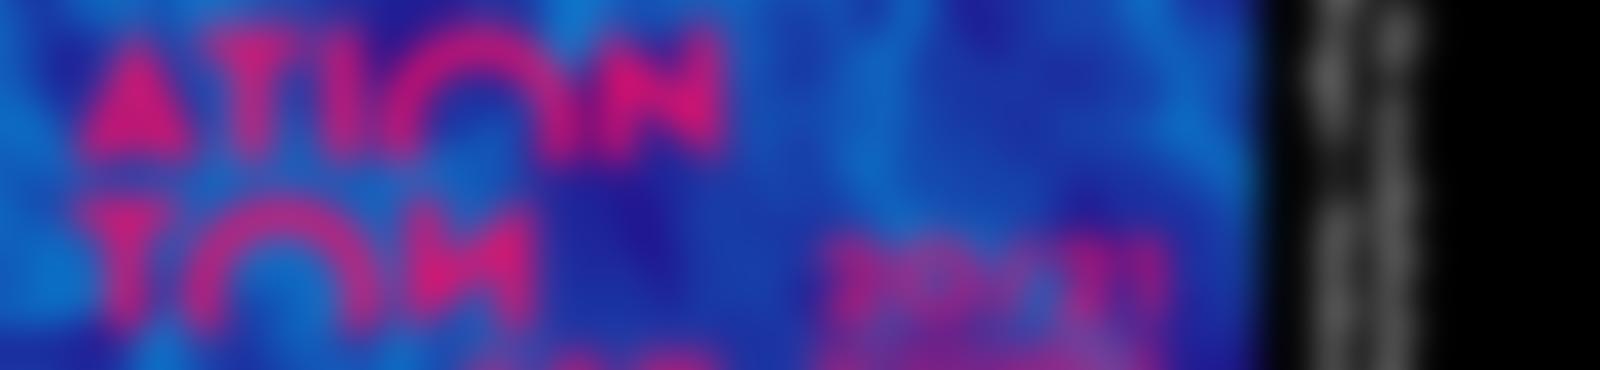 Blurred 3d5609b5 c1a9 41a3 8c68 2de79f19949f